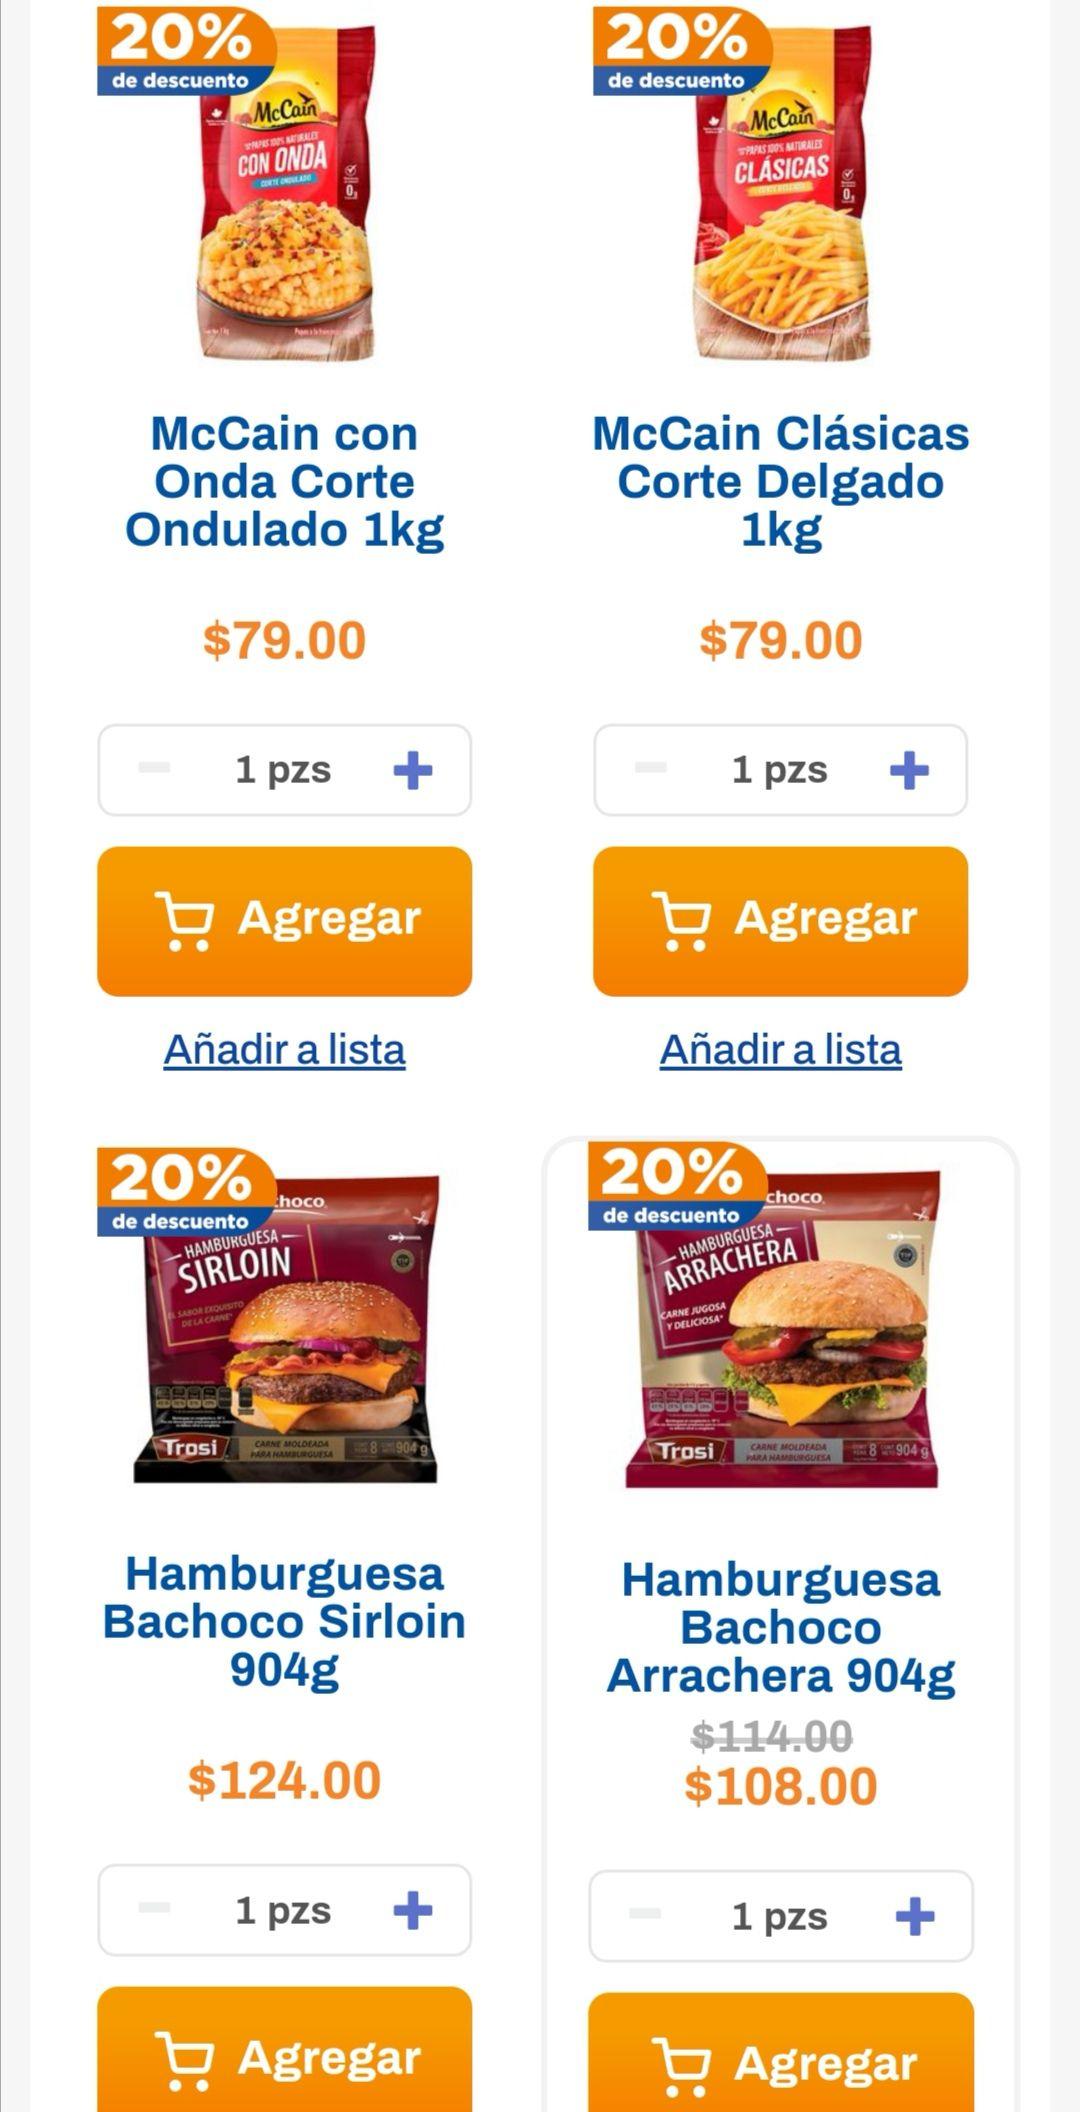 Chedraui: 20% de descuento en la compra de 1 paquete de Hamburguesa Bachoco + 1 Bolsa de Papas McCain 1 kg.